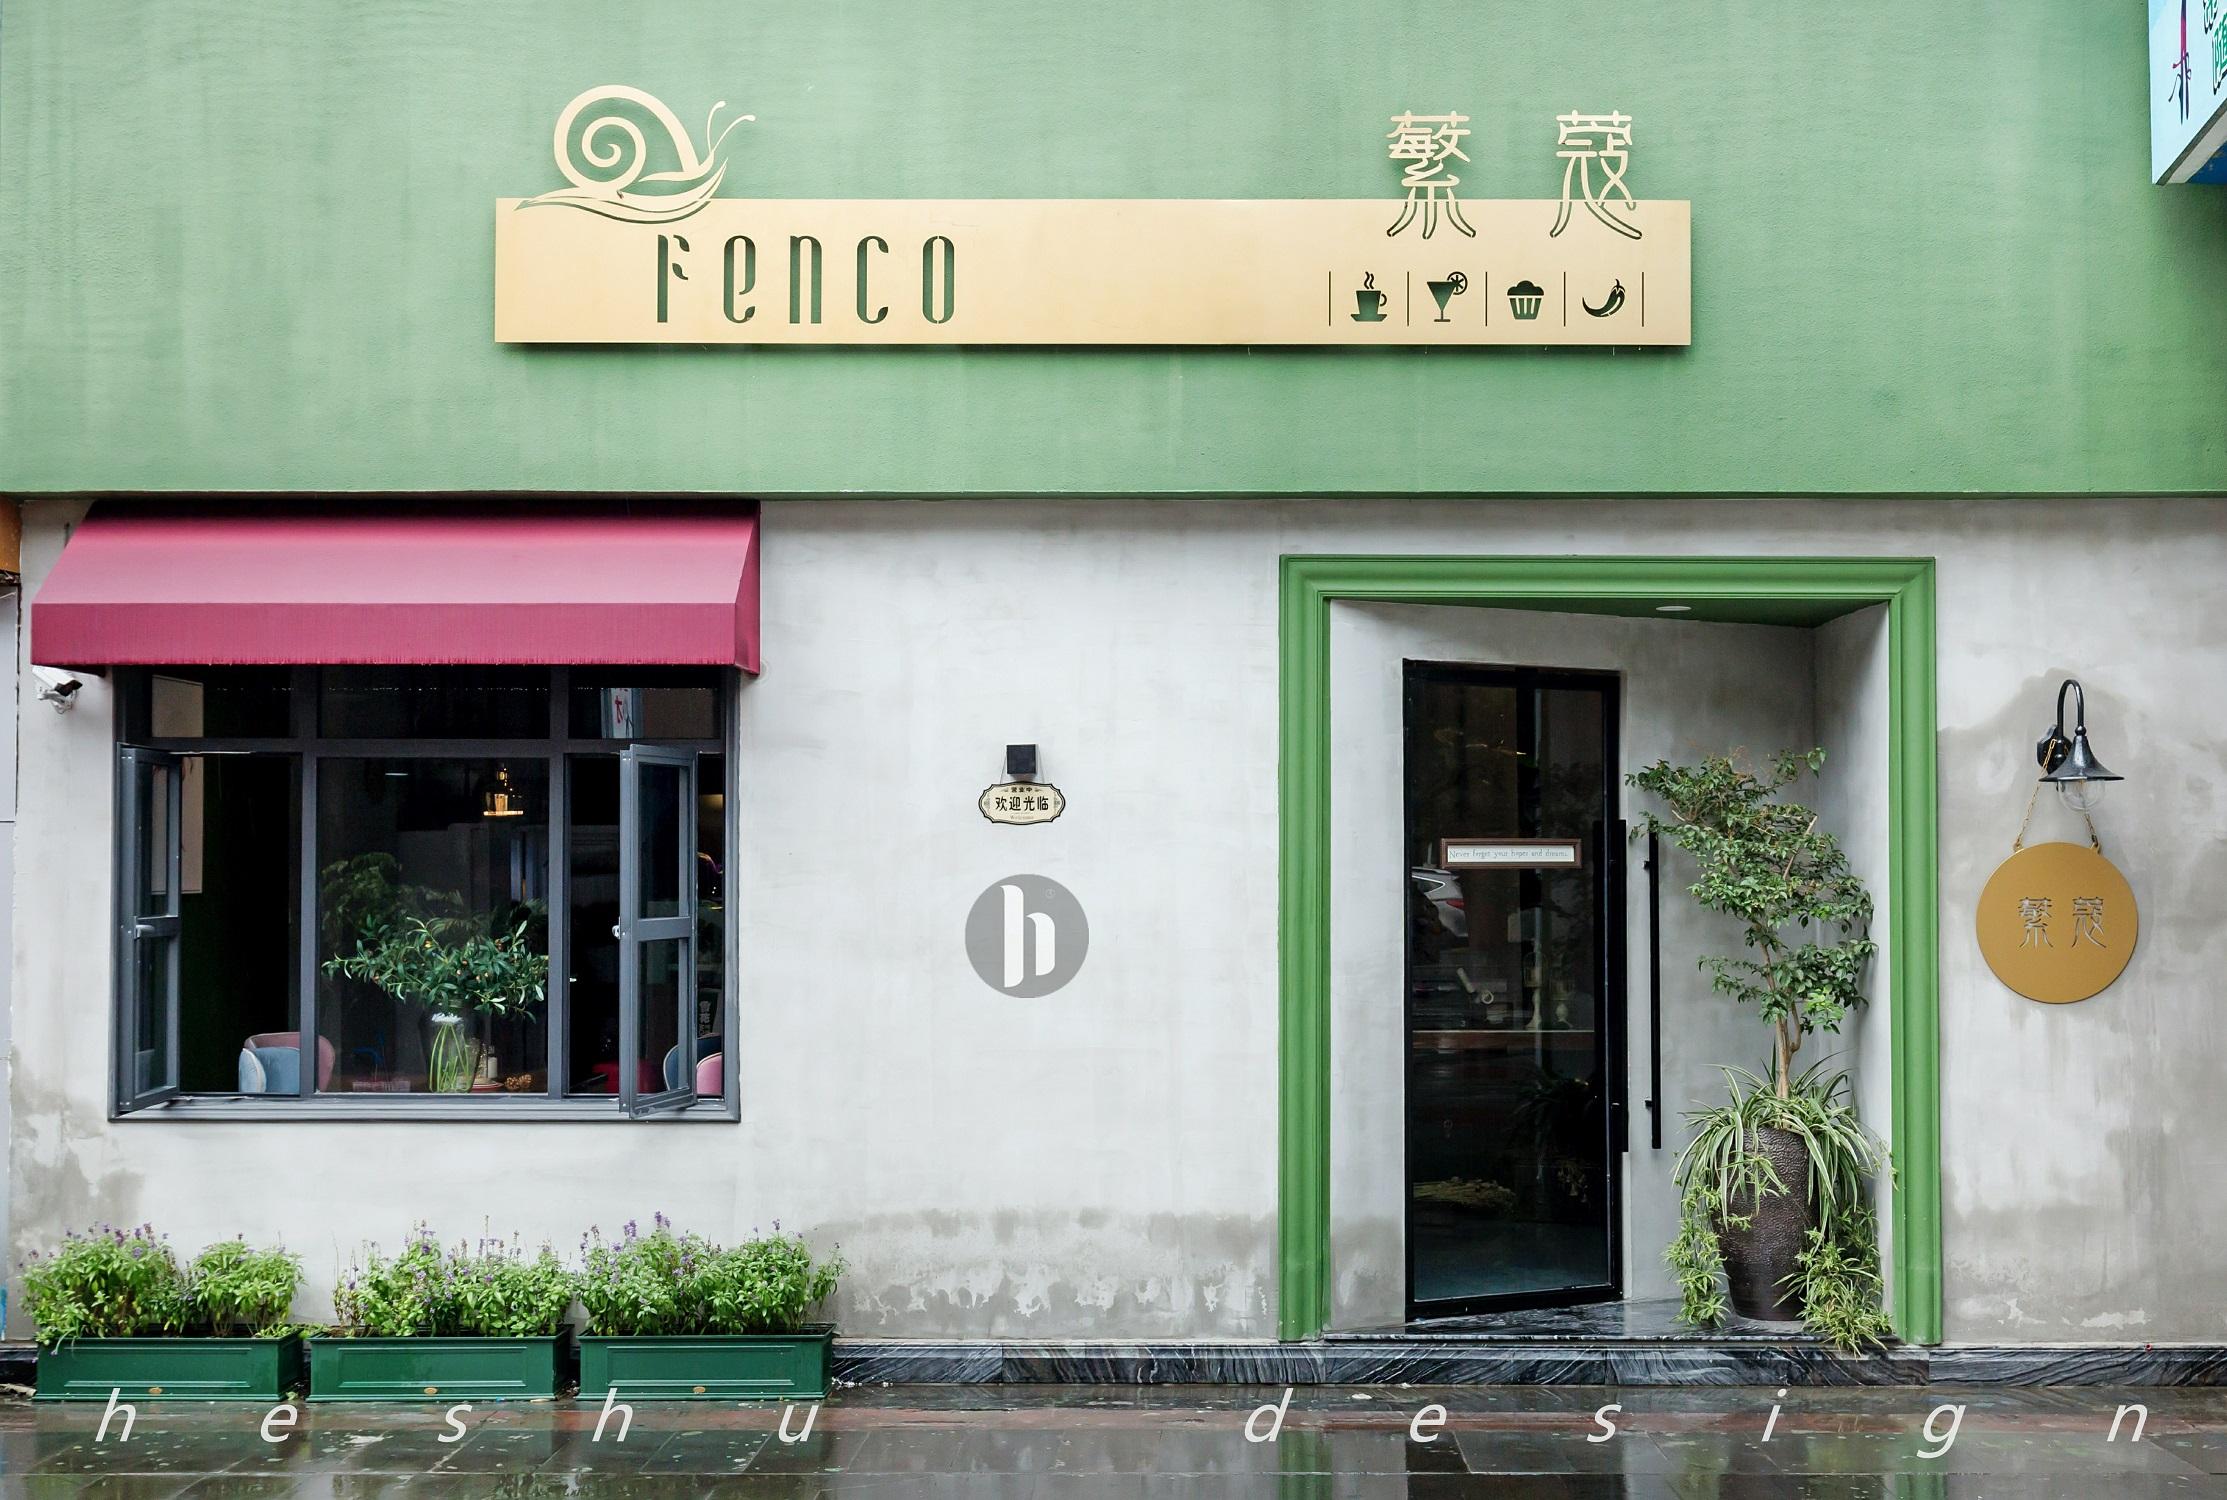 咖啡店装修外墙设计图